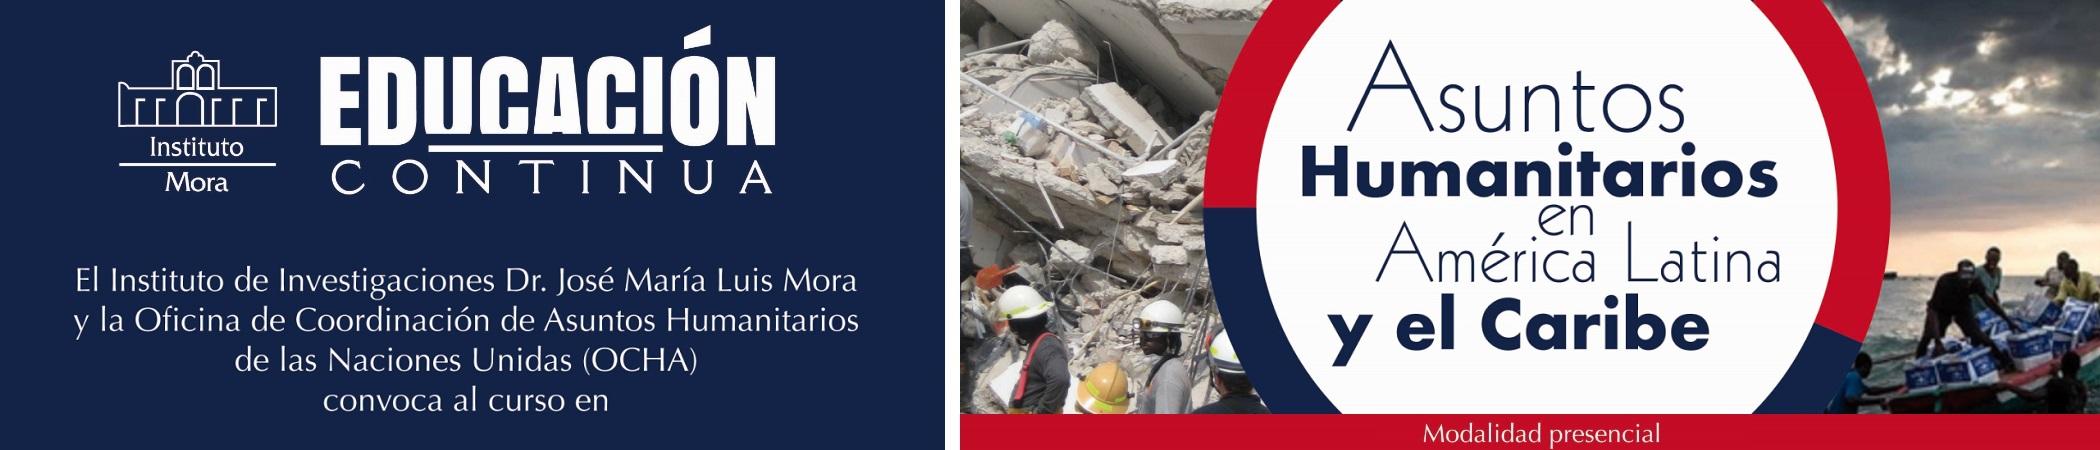 Asuntos Humanitarios en América Latina y el Caribe